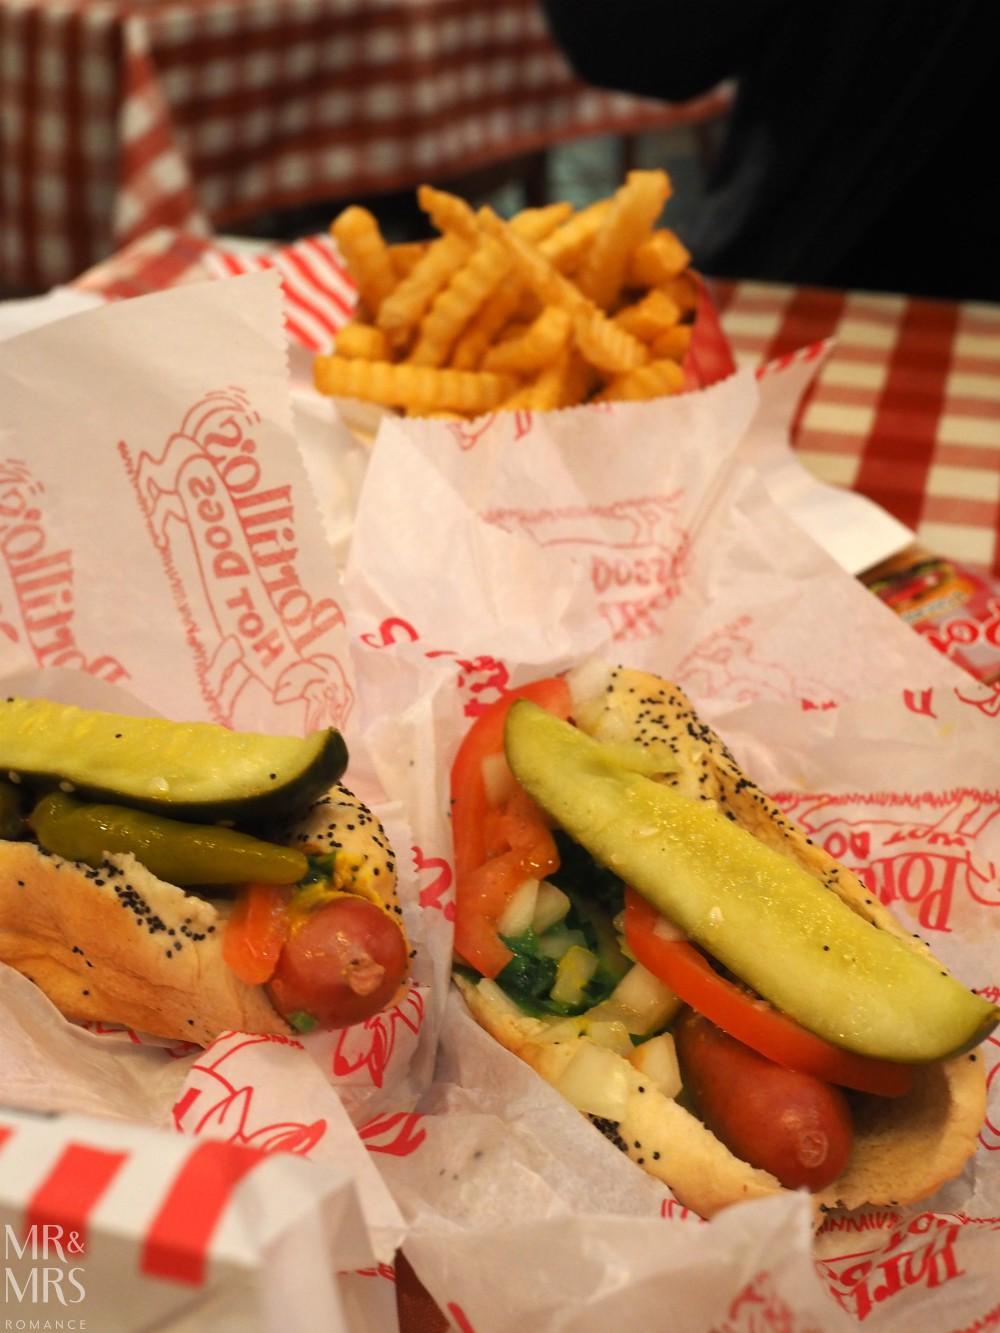 American hotdogs - Portillo's Chicago`